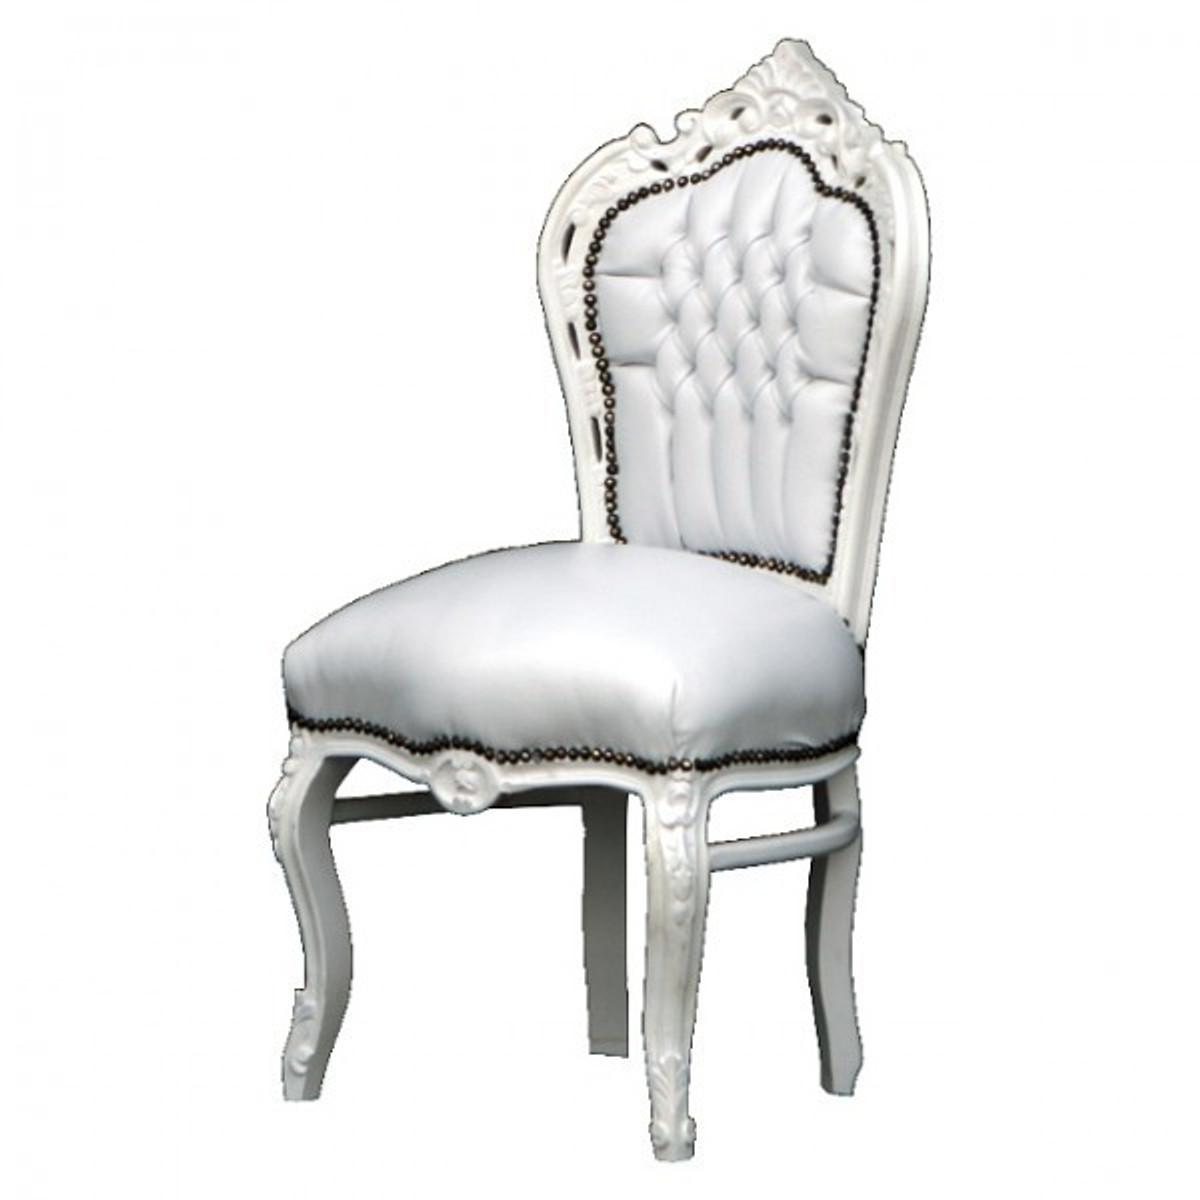 Retro Stuhl Weiß Sky Lederstuhl Barock Esszimmerstuhl Online Bestellen Für  Ein Esszimmer In Weiß.